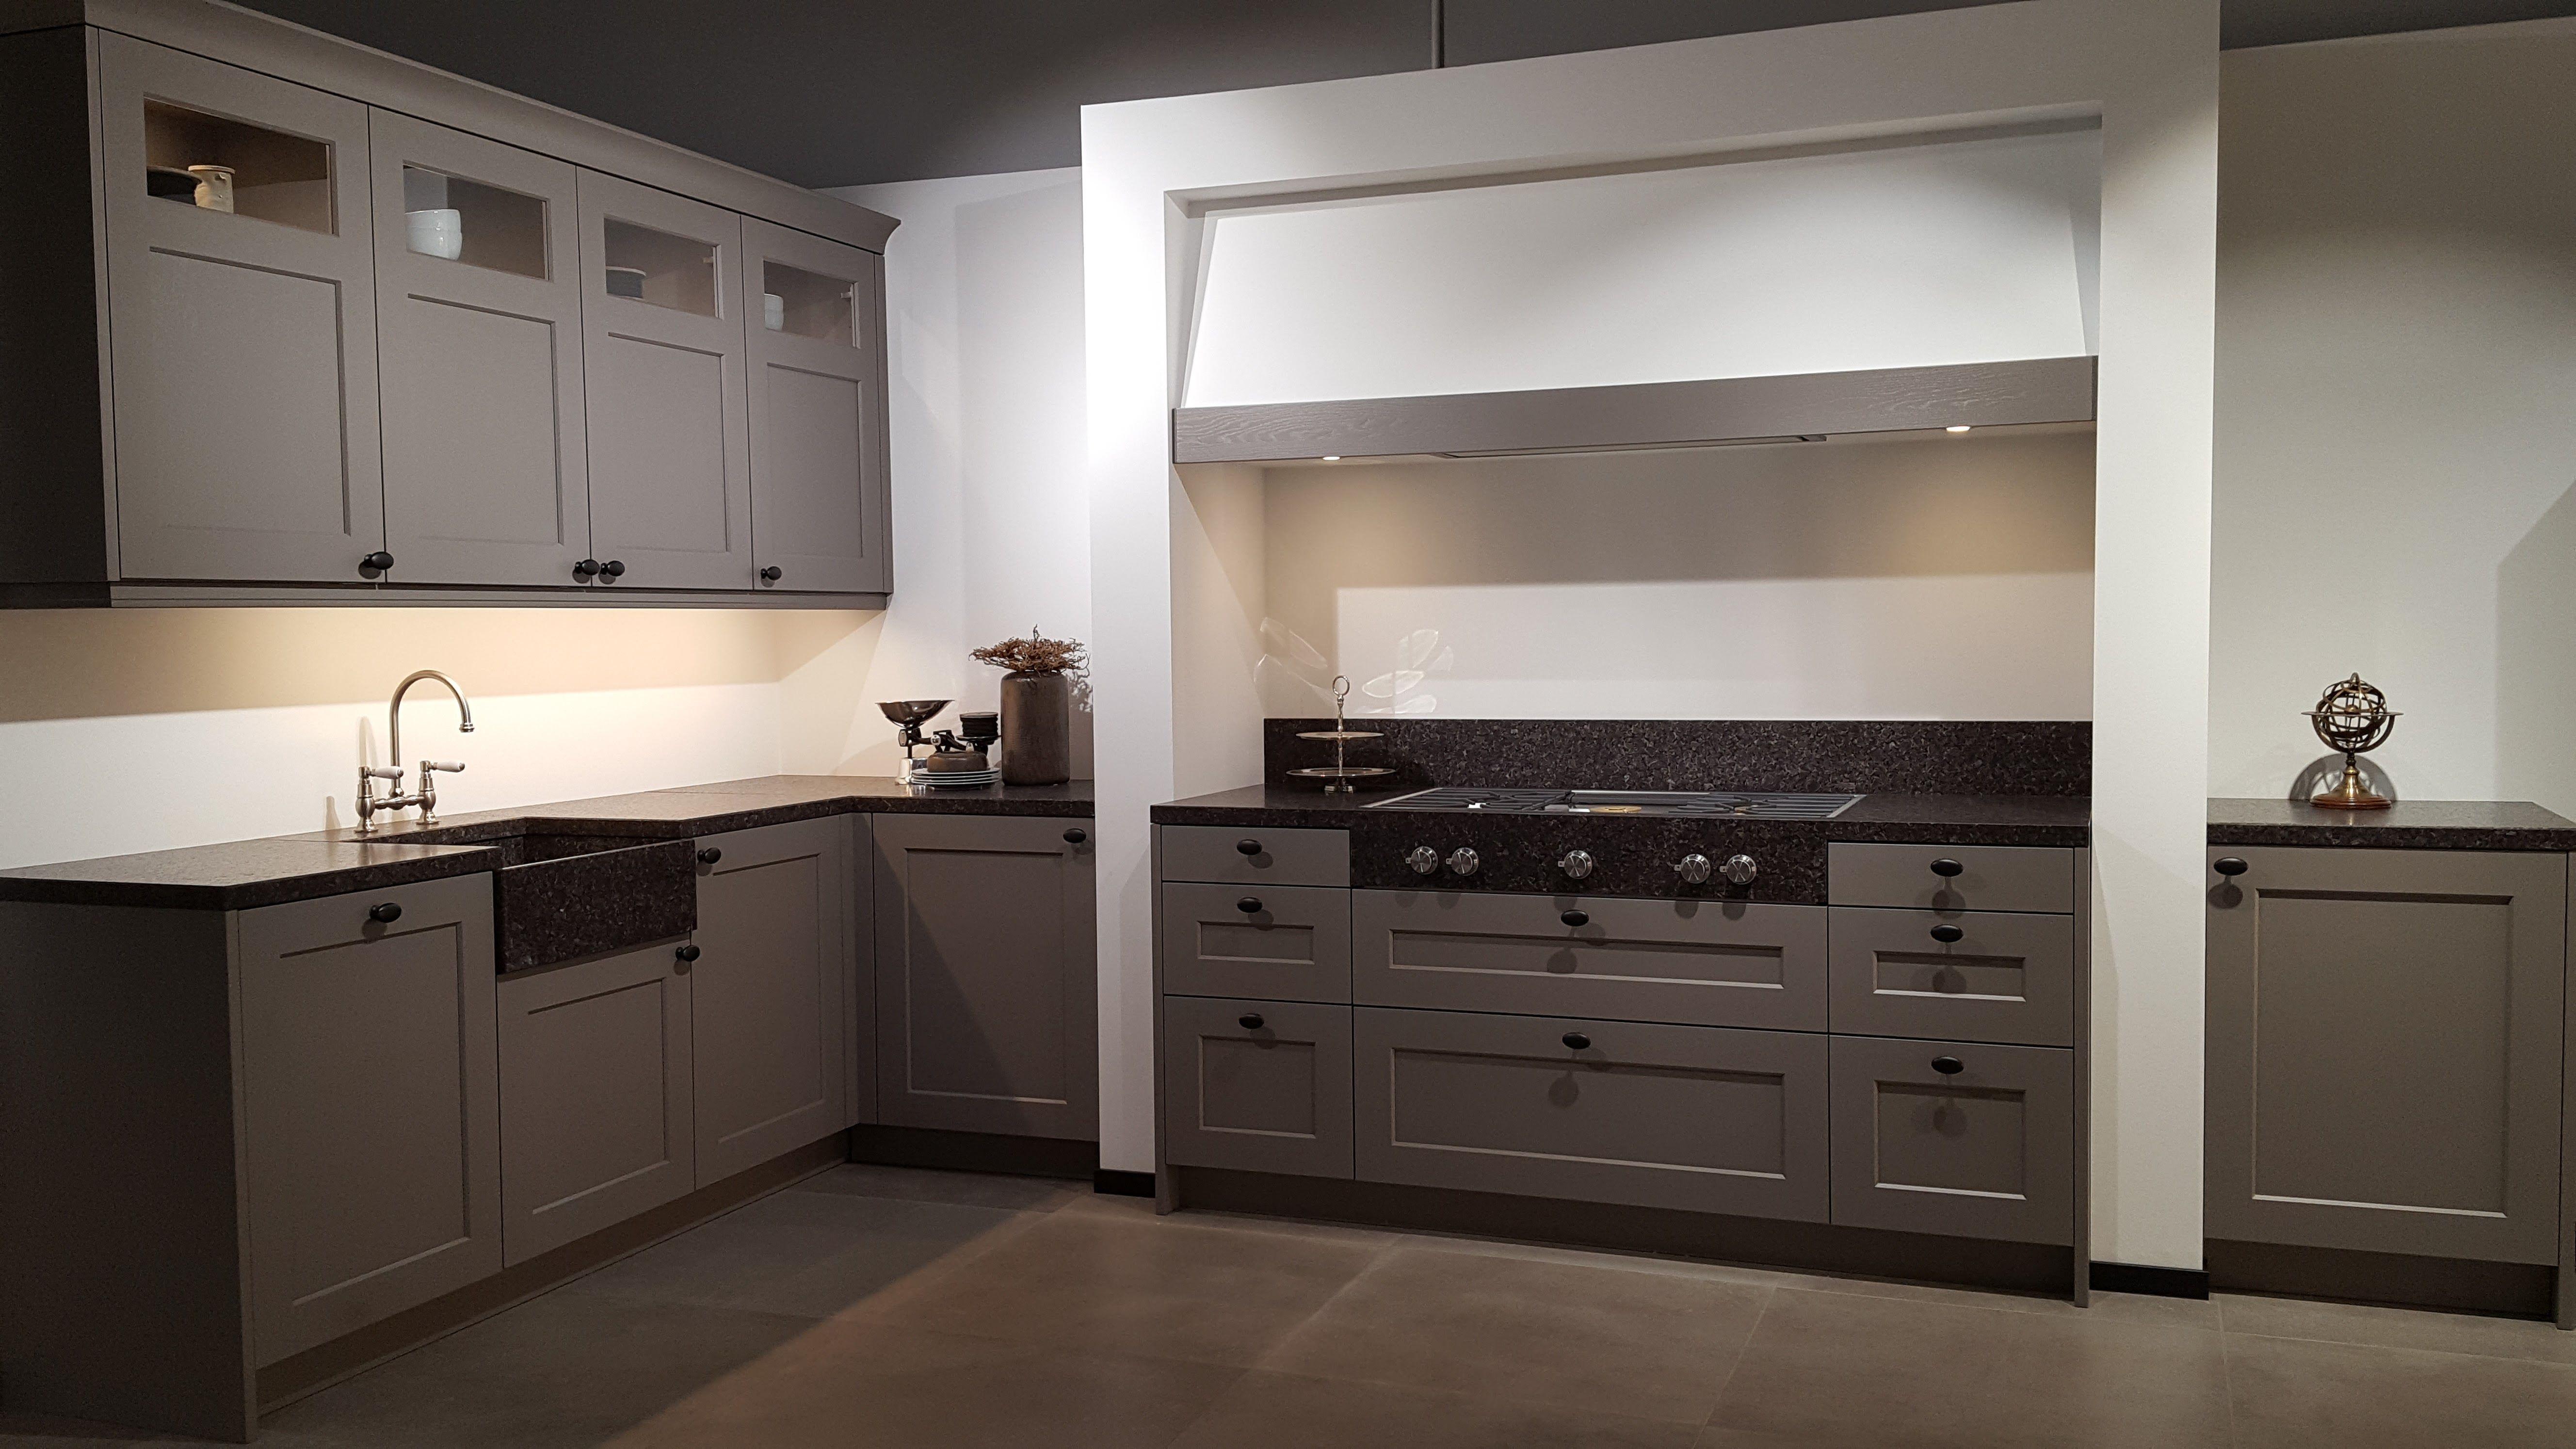 Prachtige landelijke keuken met butlersink spoelbak en in graniet